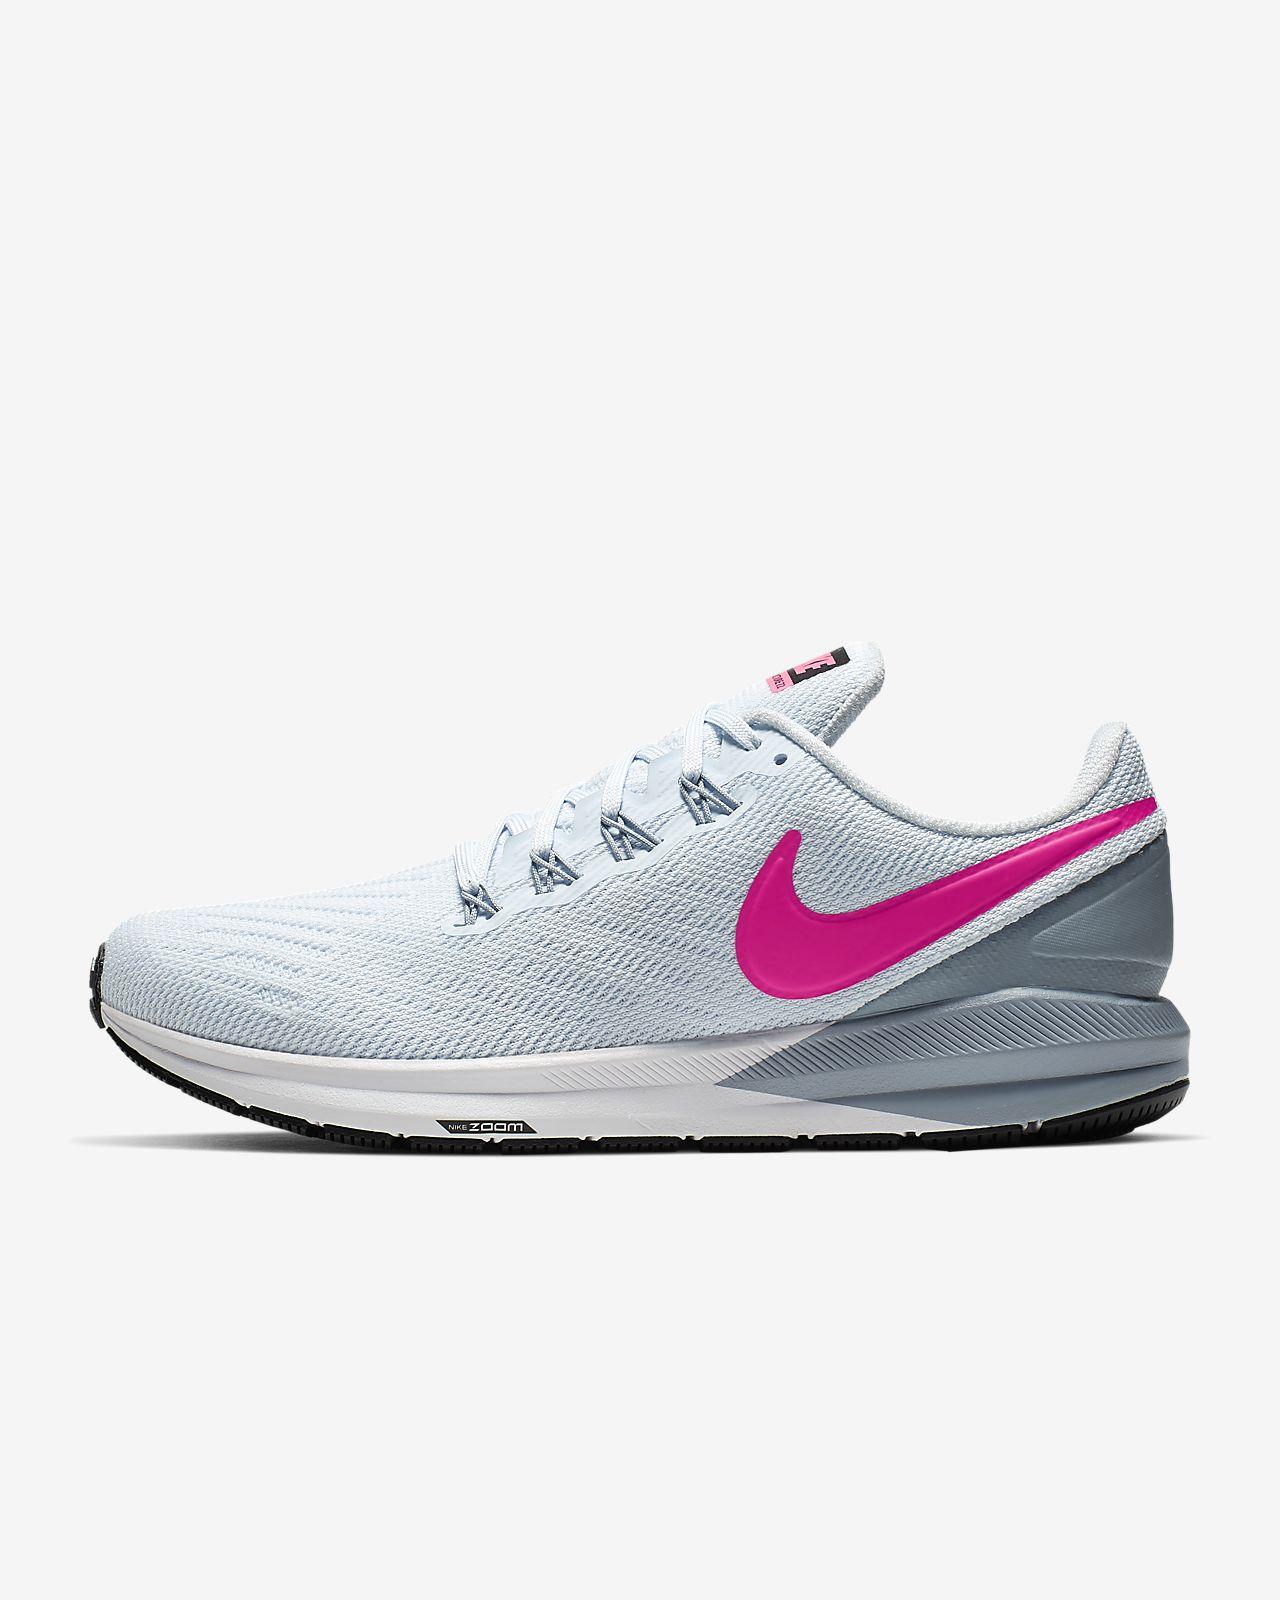 53e45806344 Calzado de running para mujer Nike Air Zoom Structure 22. Nike.com MX